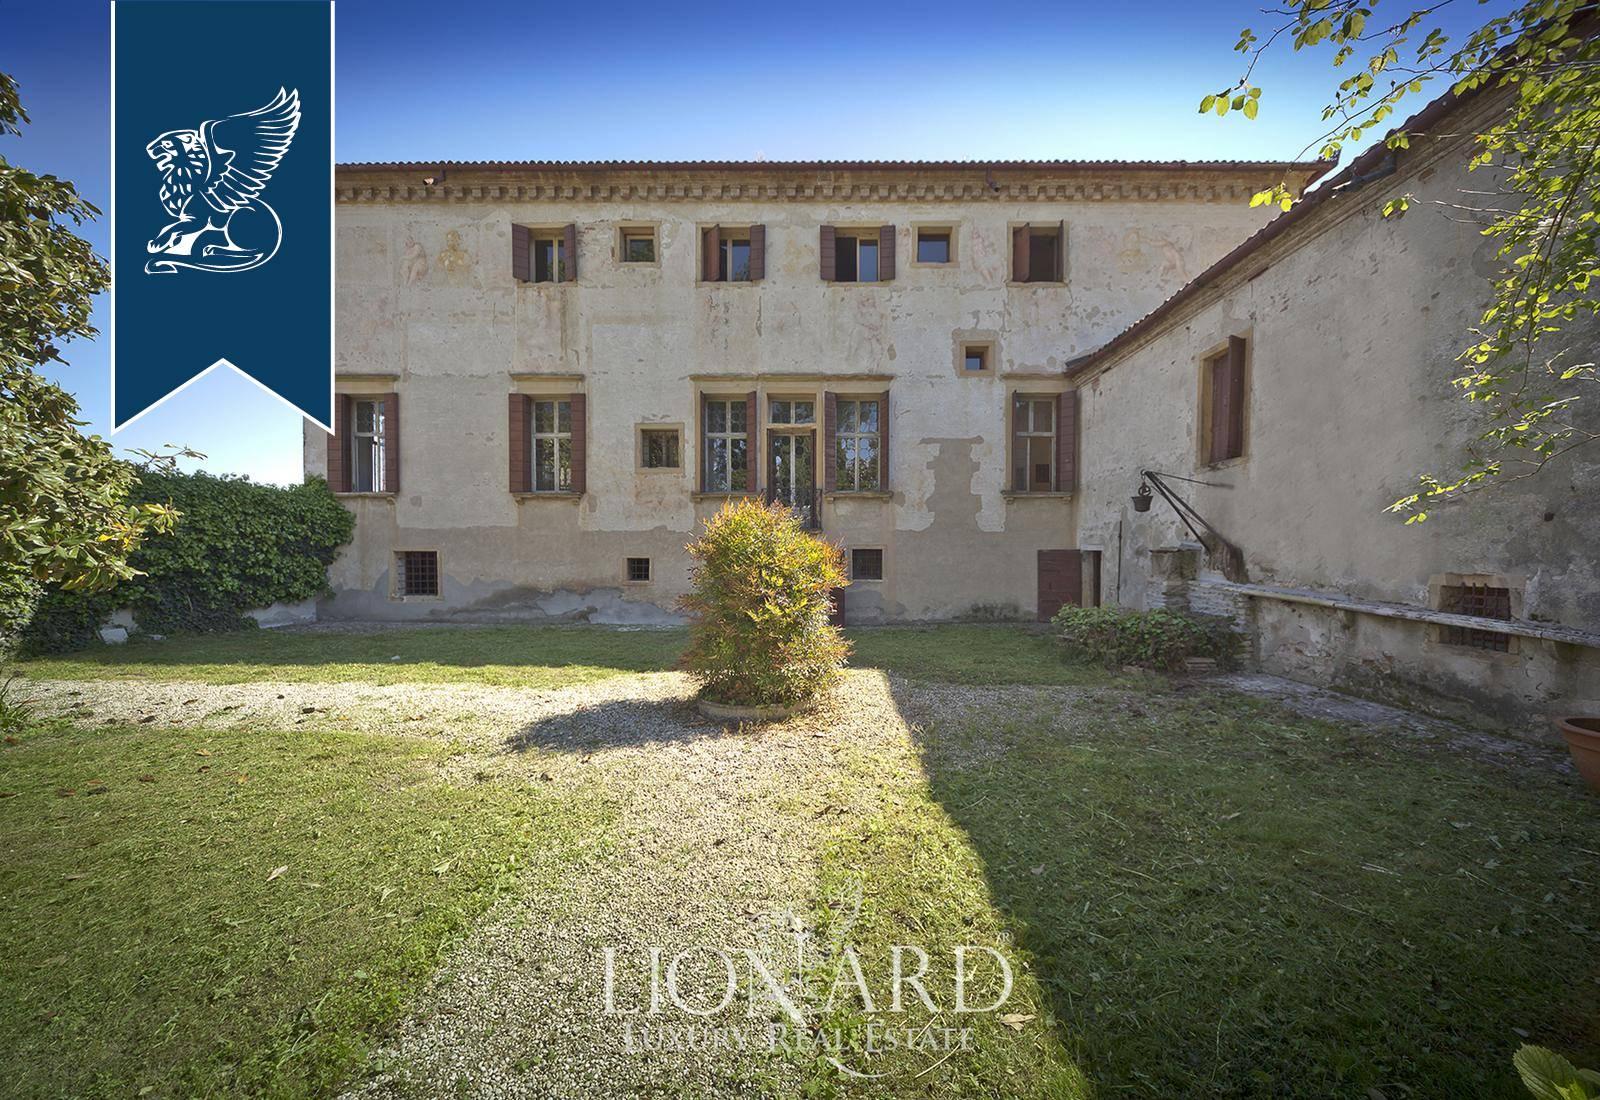 Villa in Vendita a Brugine: 0 locali, 3840 mq - Foto 1